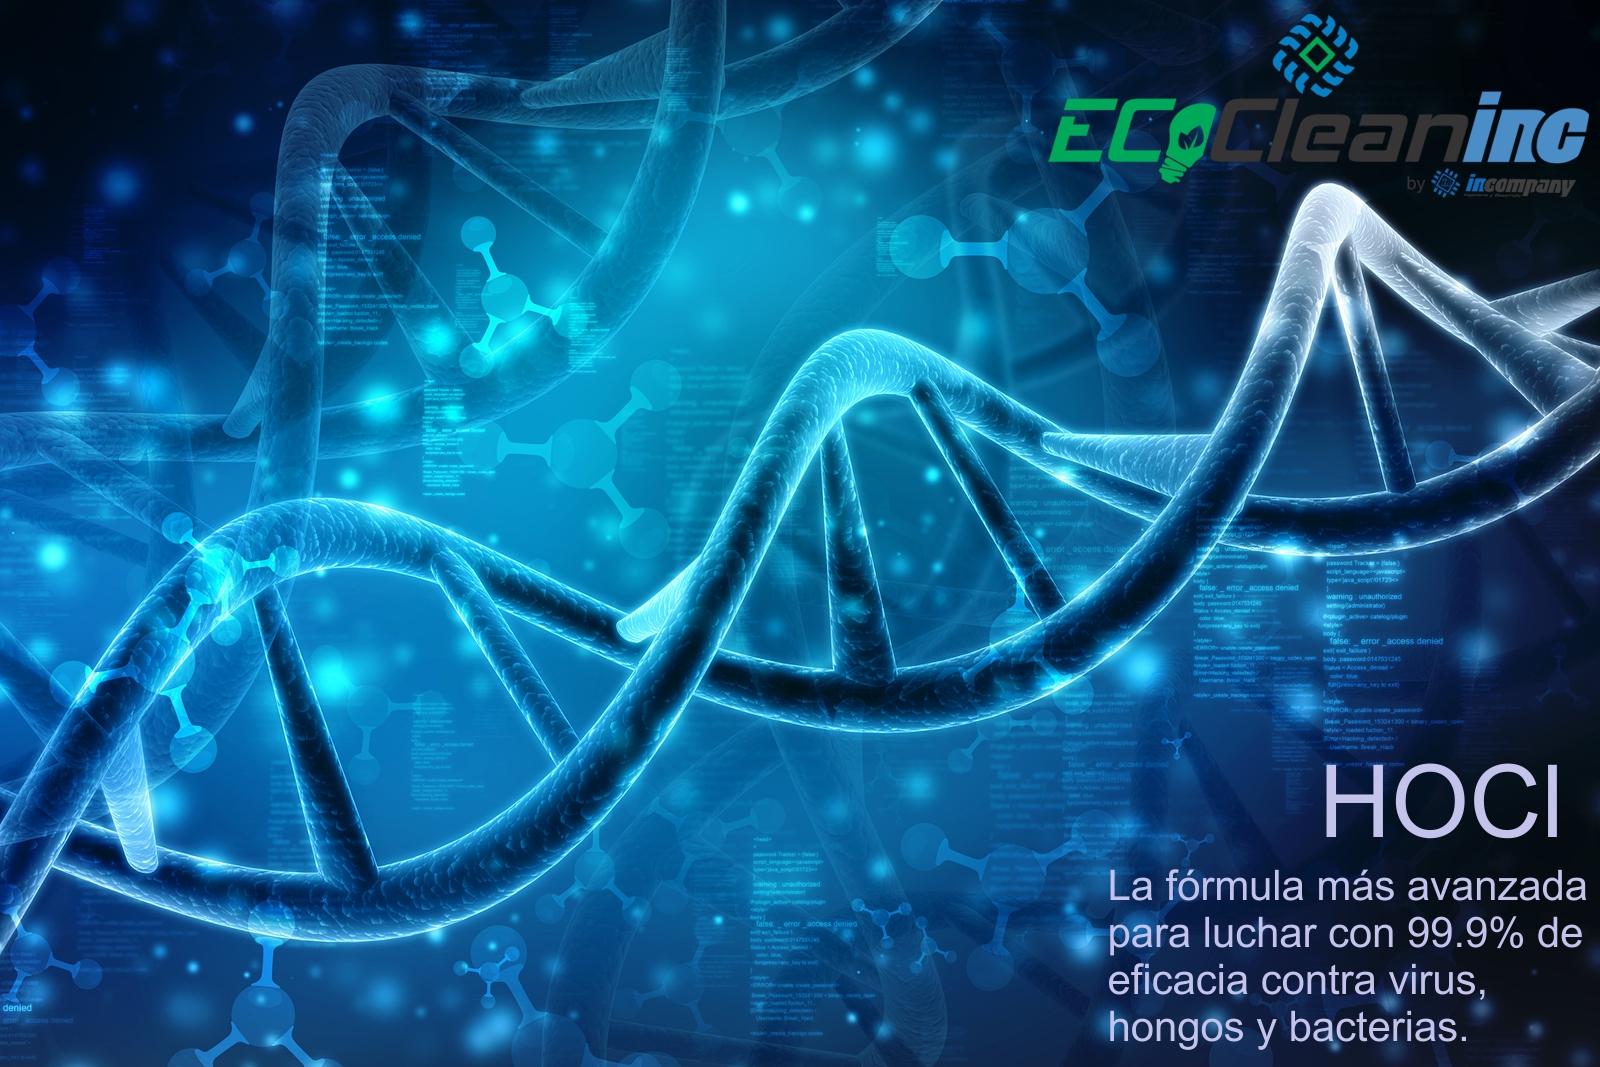 HOCl ADN Technology